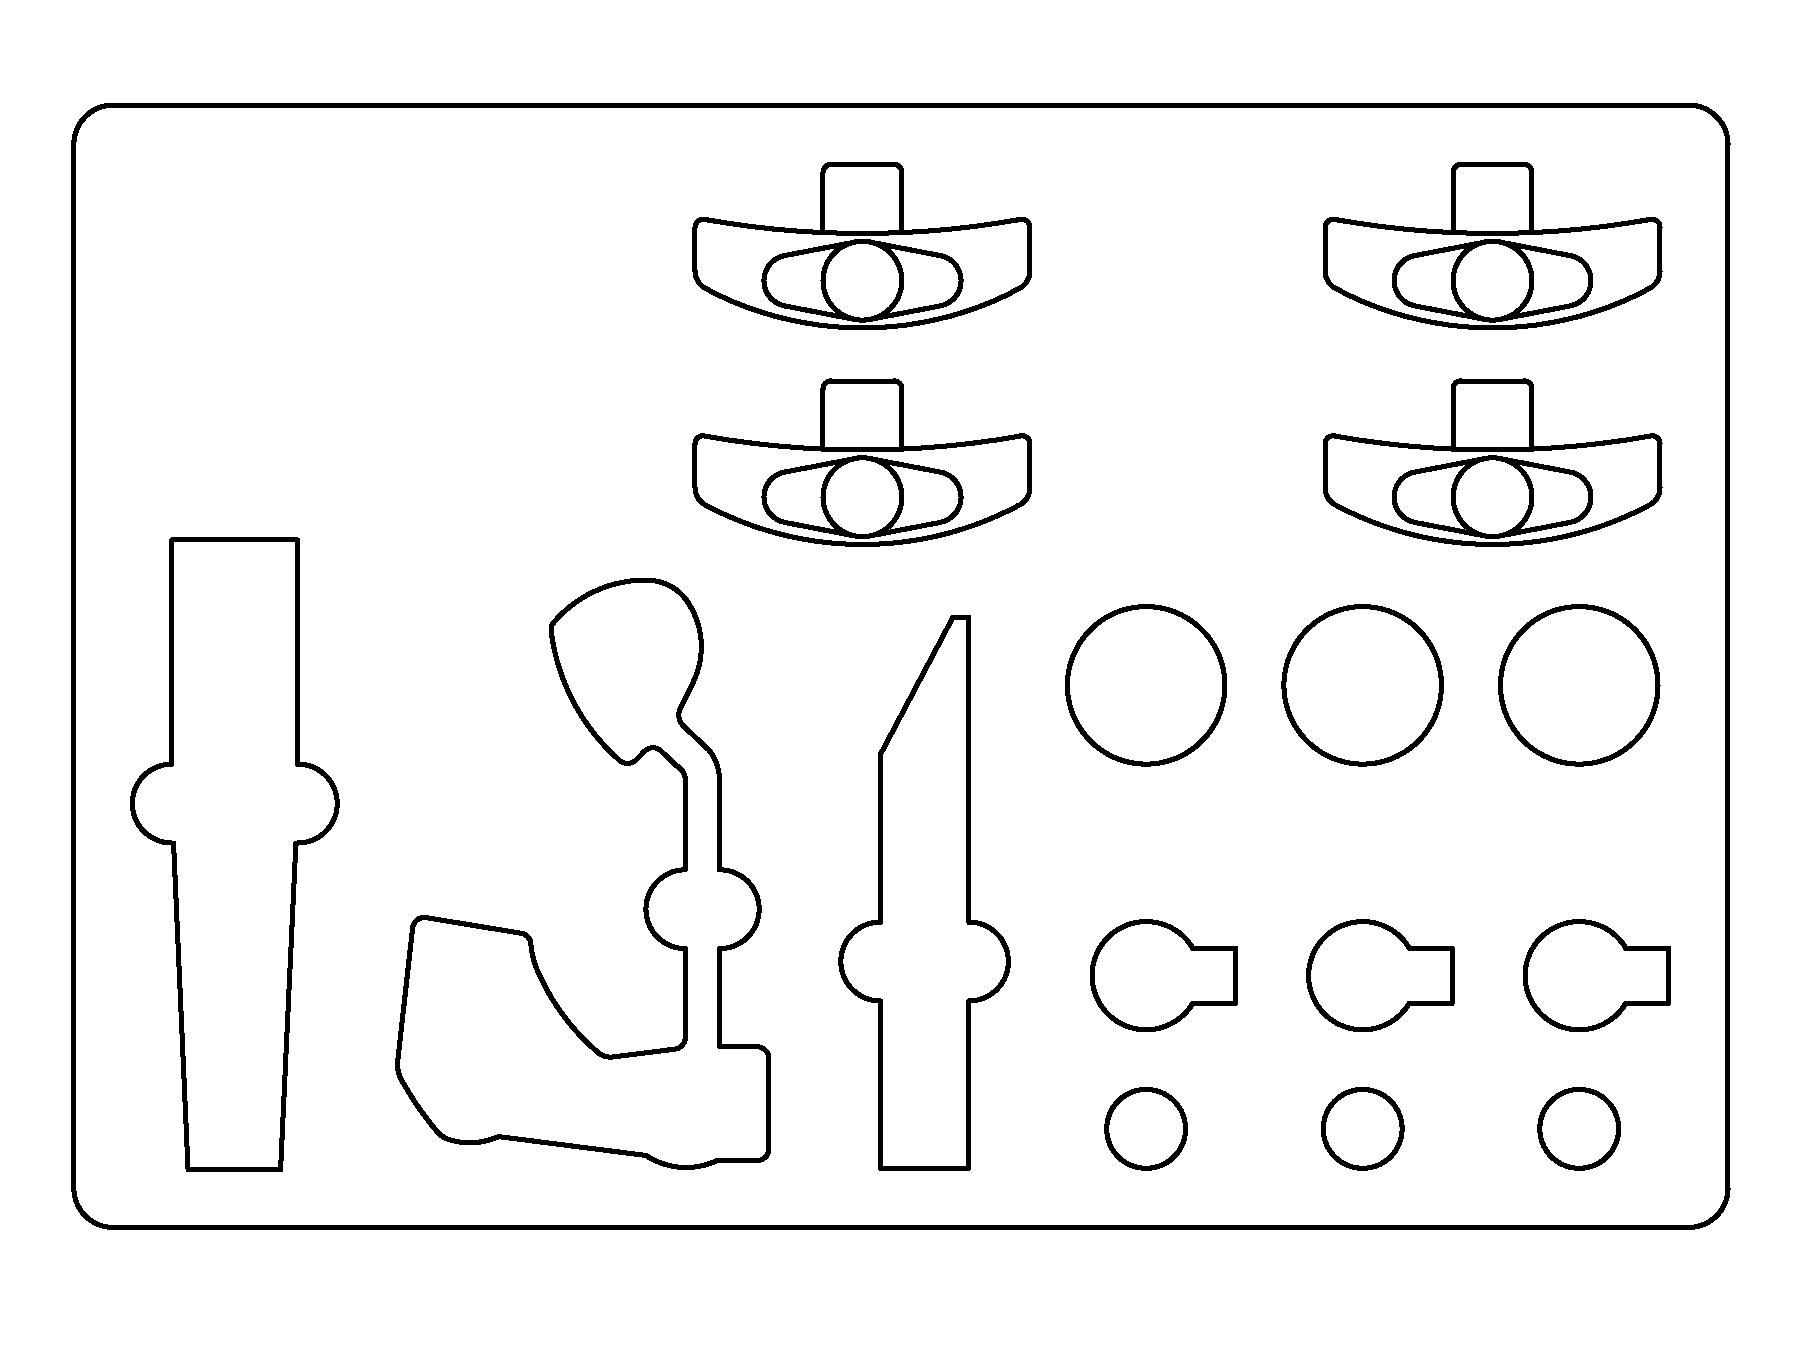 Drum-Mikrokoffer Zeichnung v1